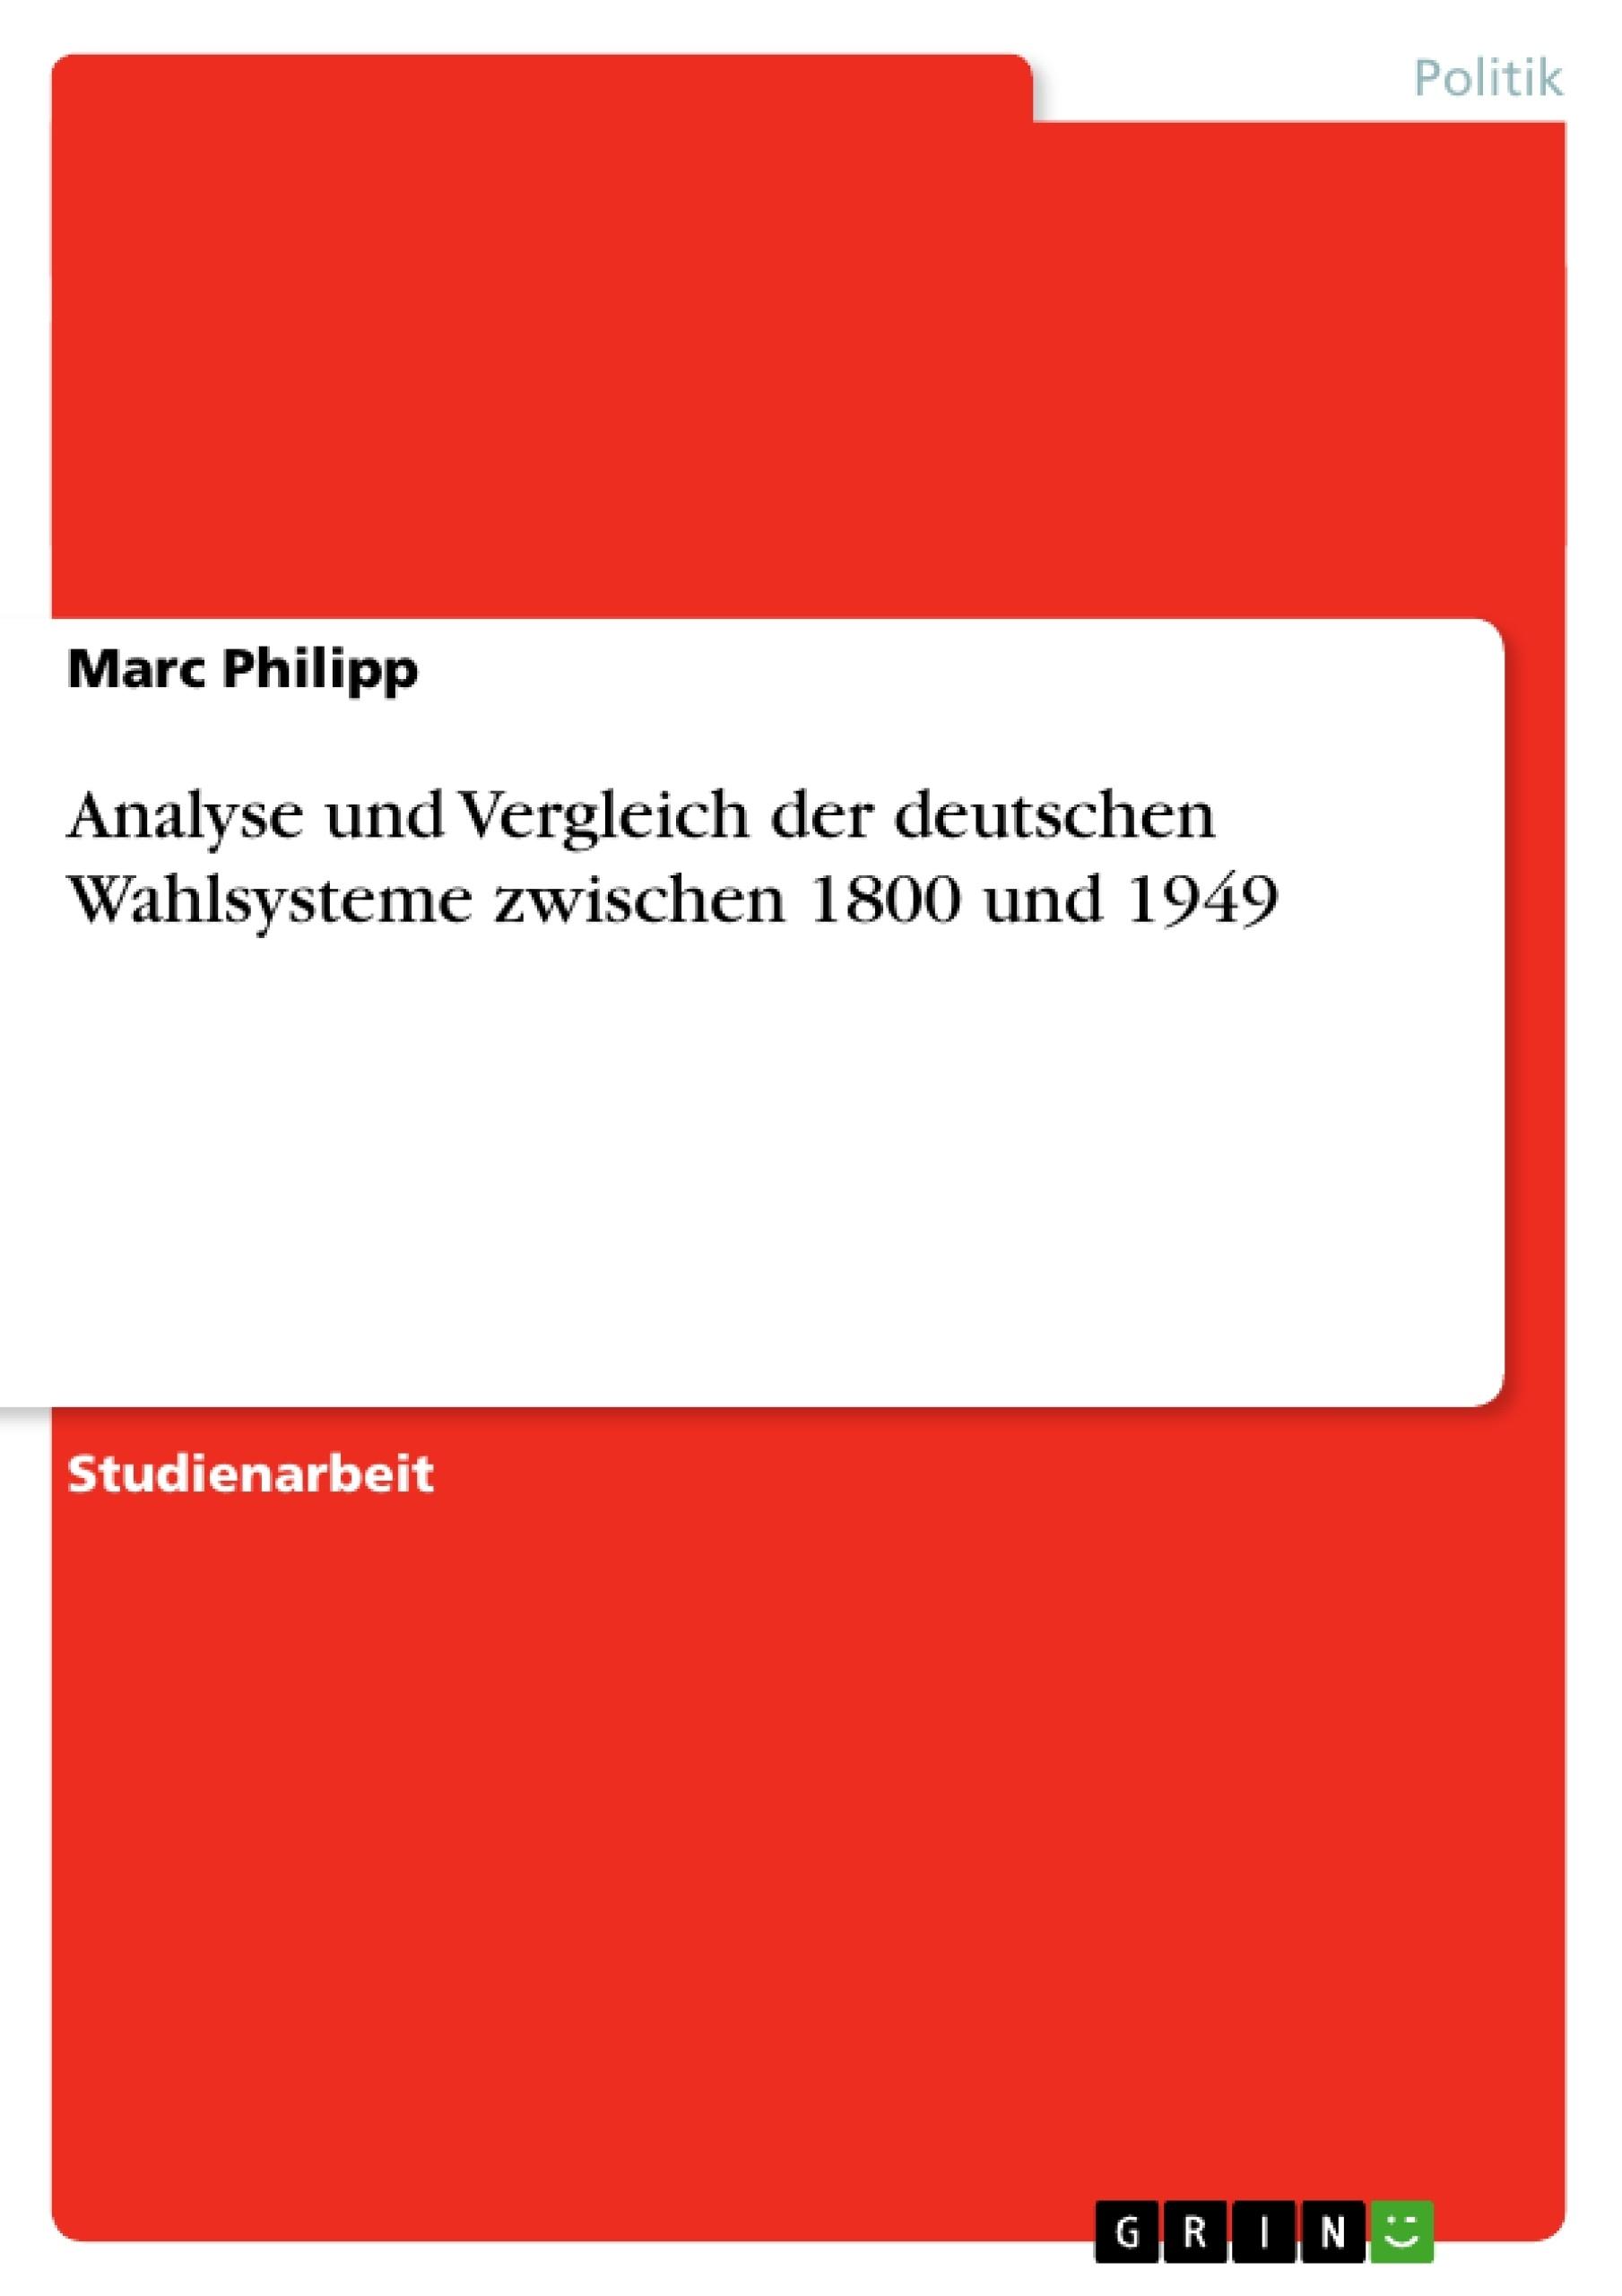 Titel: Analyse und Vergleich der deutschen Wahlsysteme zwischen 1800 und 1949